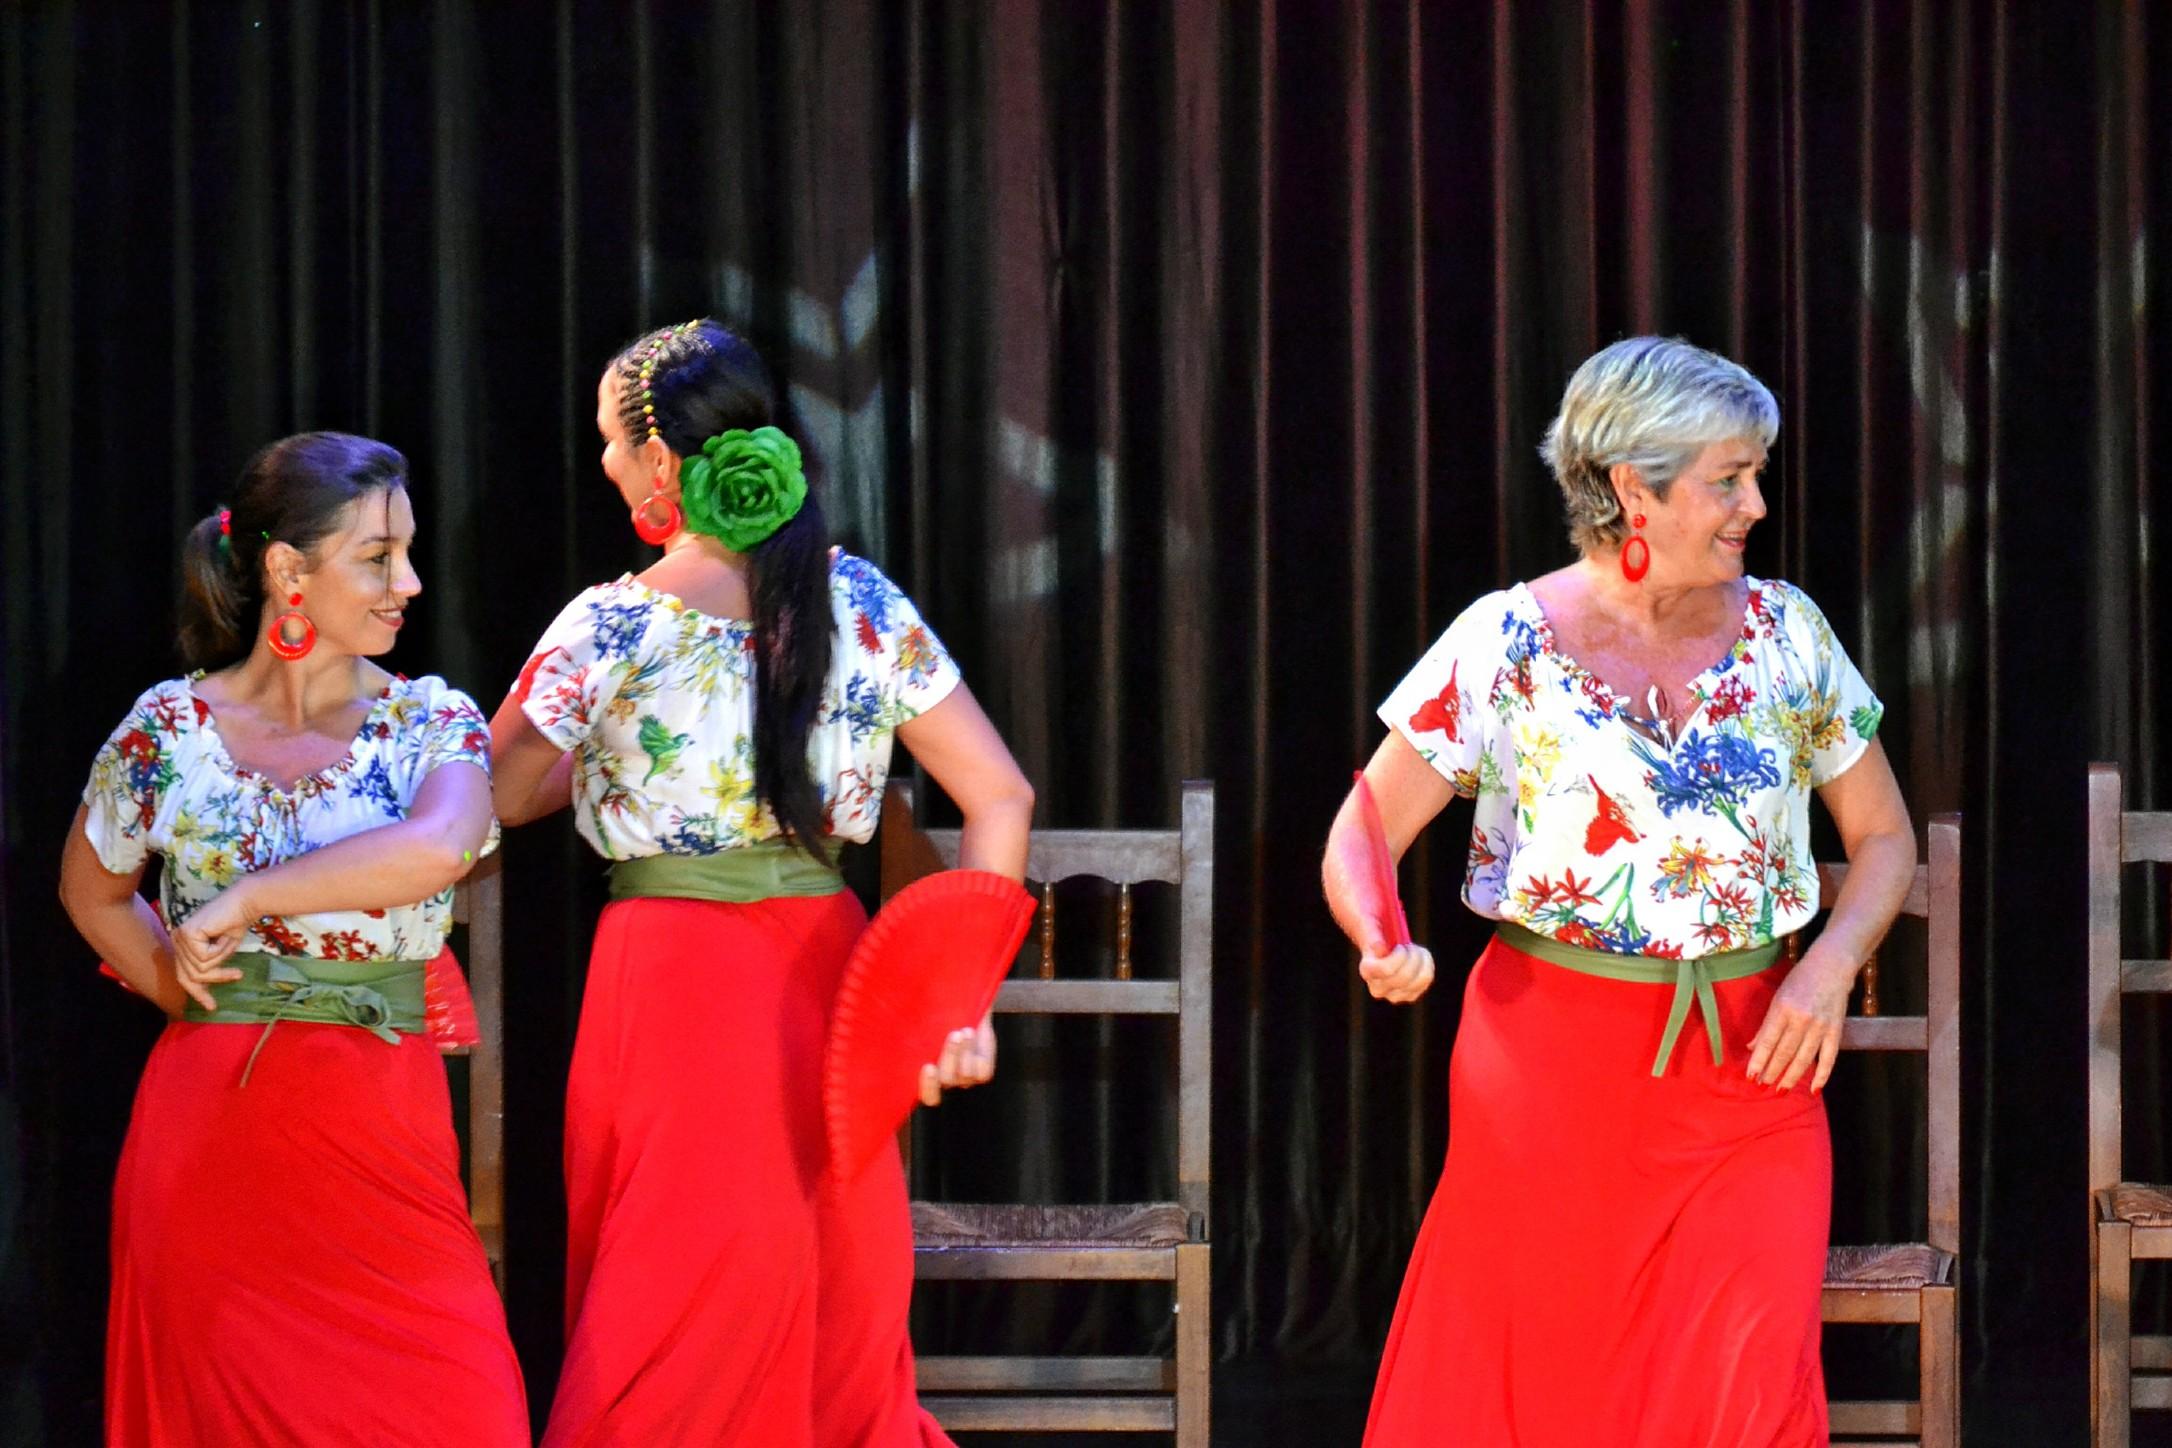 Linea-de-Baile-festival-verano-2015-clases-de-baile-valencia-97